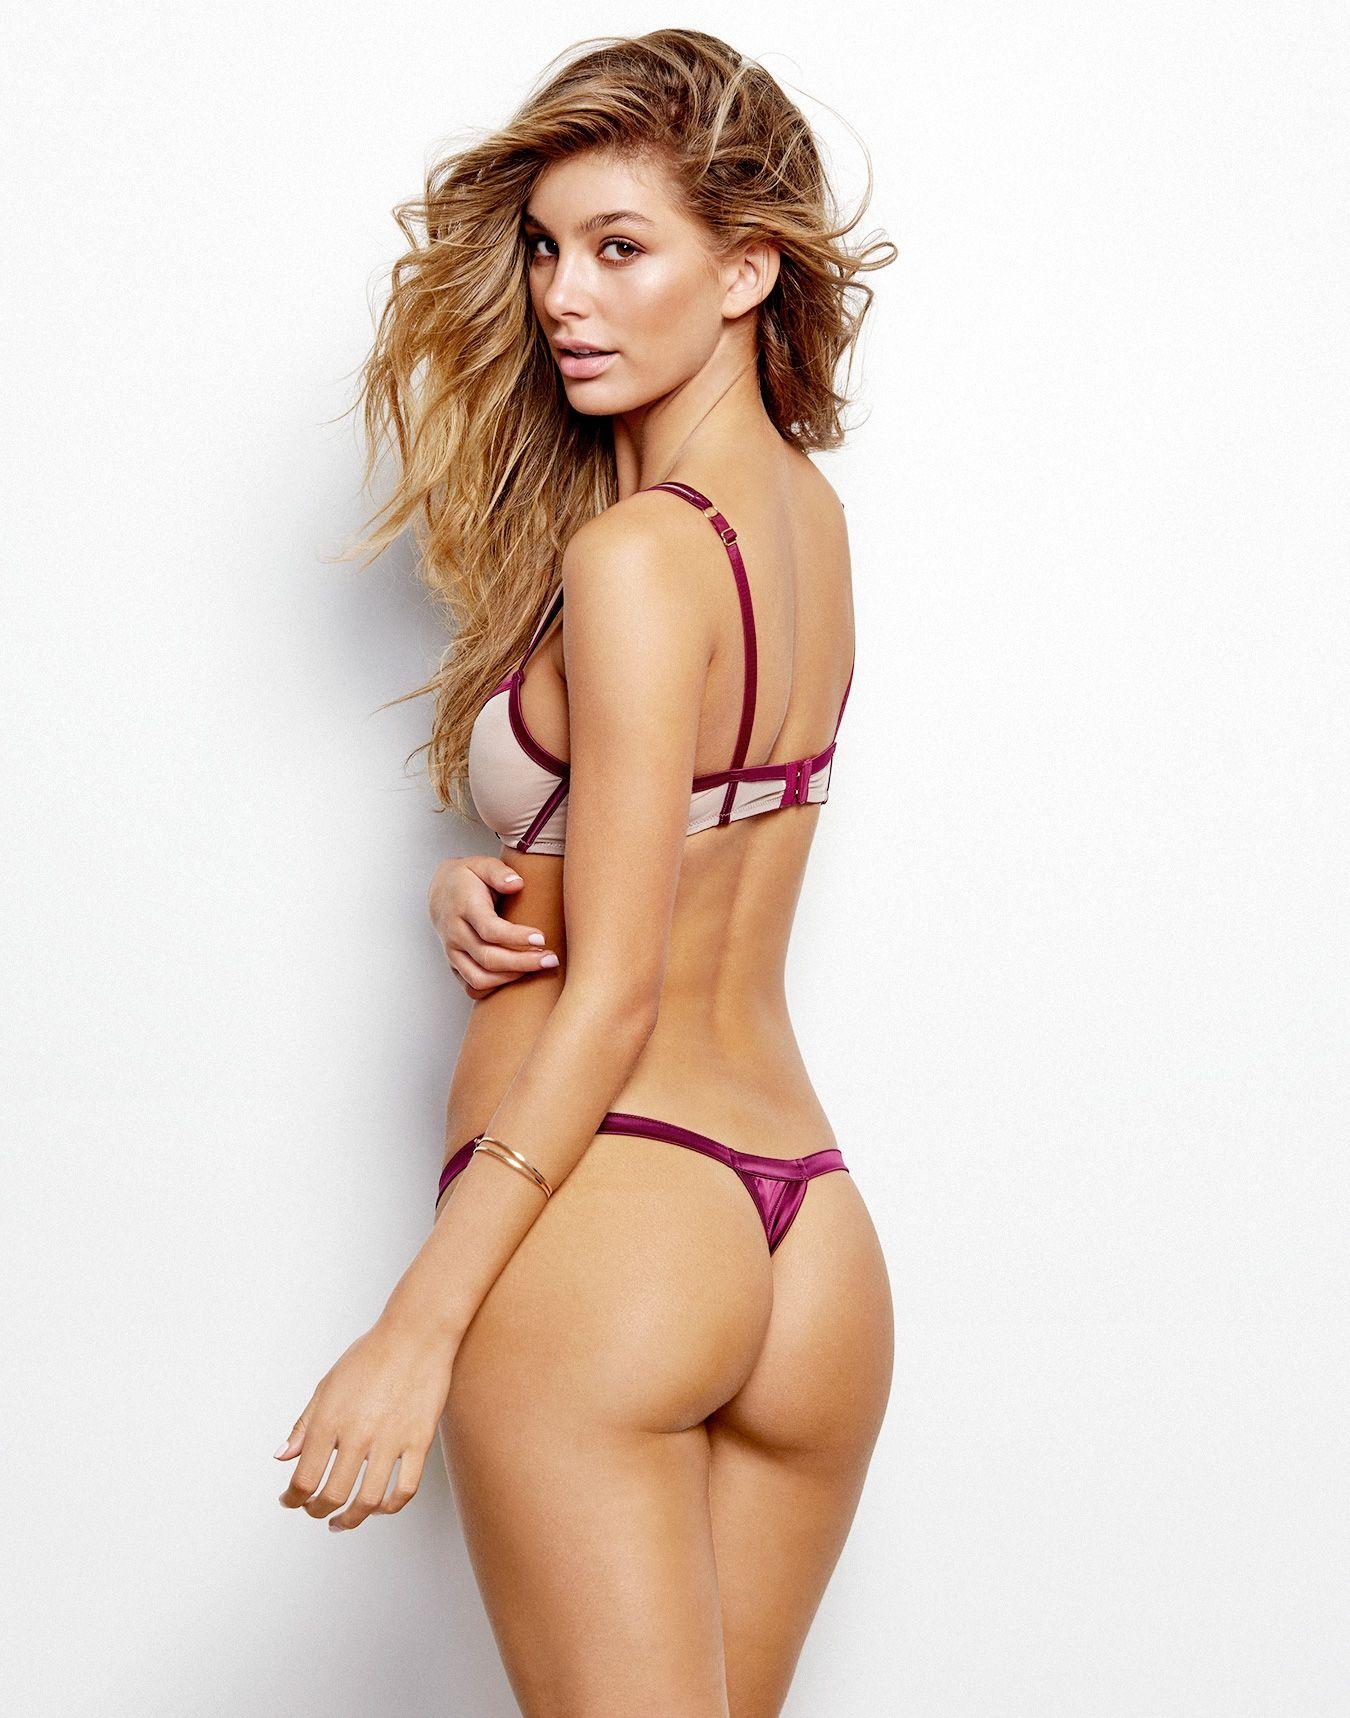 Nude Cami Morrone nude (77 photo), Pussy, Paparazzi, Selfie, panties 2020